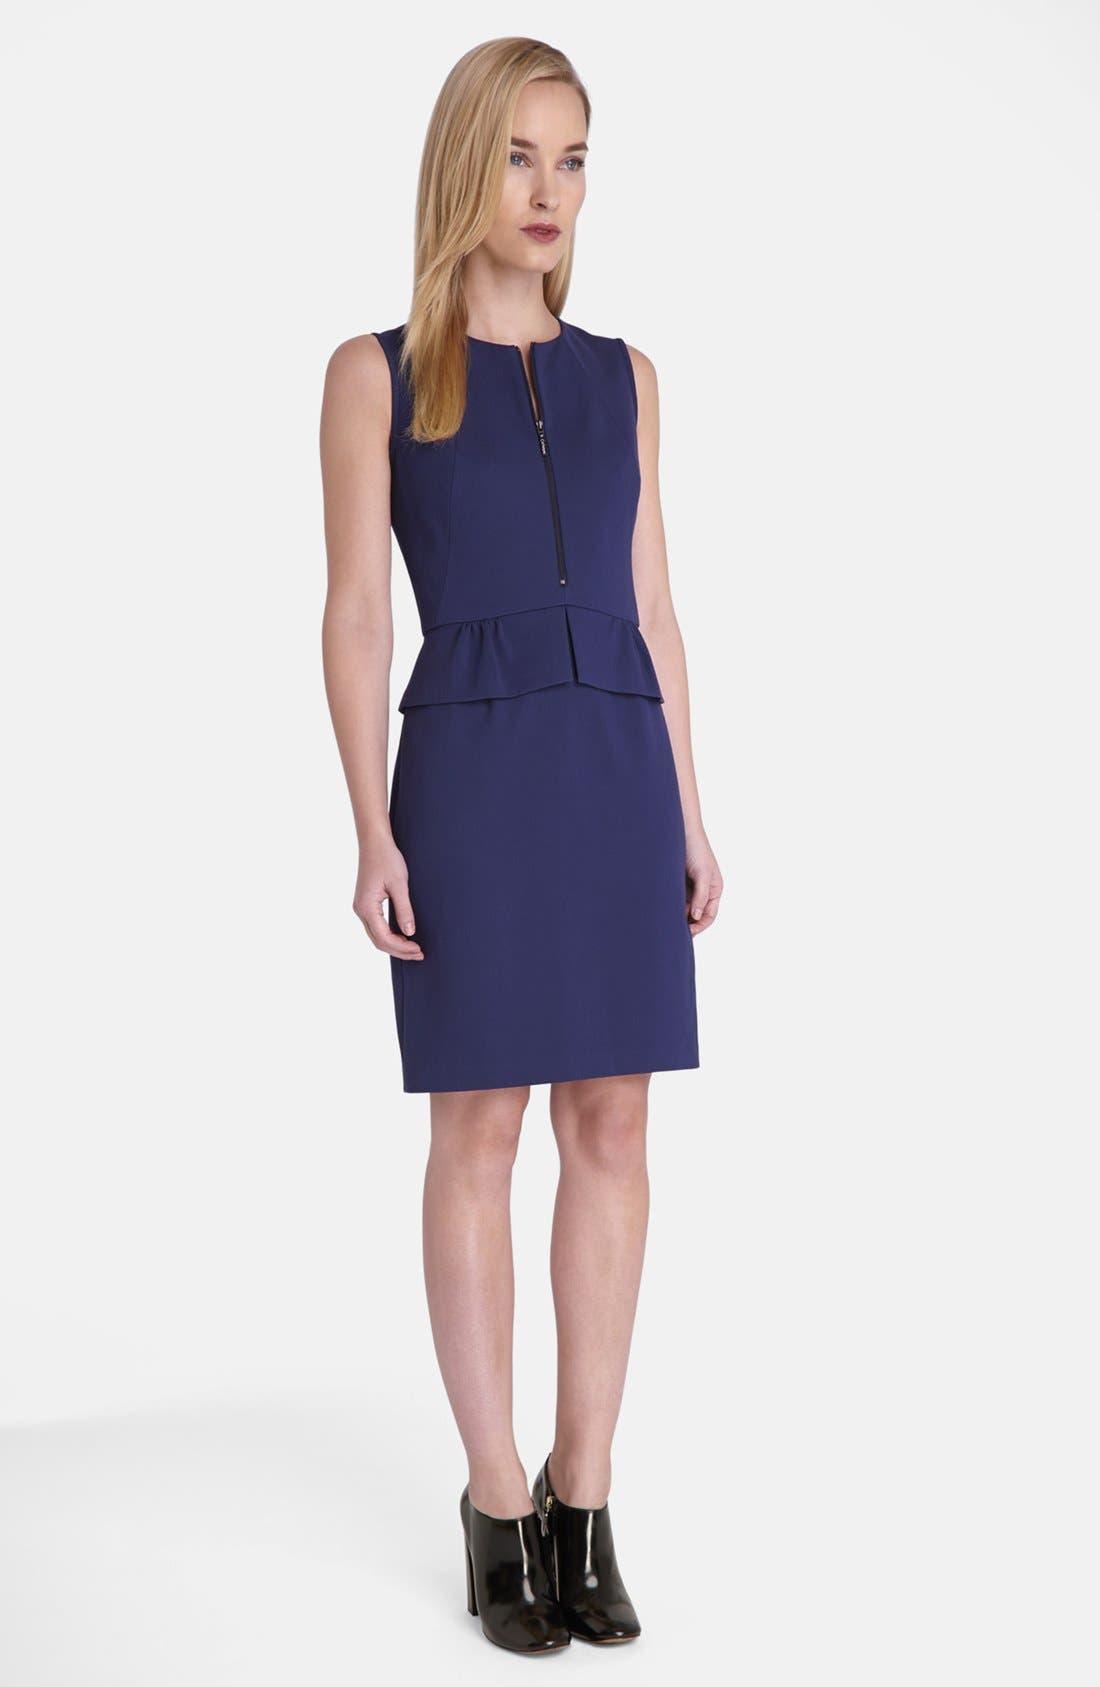 Main Image - Catherine Catherine Malandrino 'Lisette' Dress